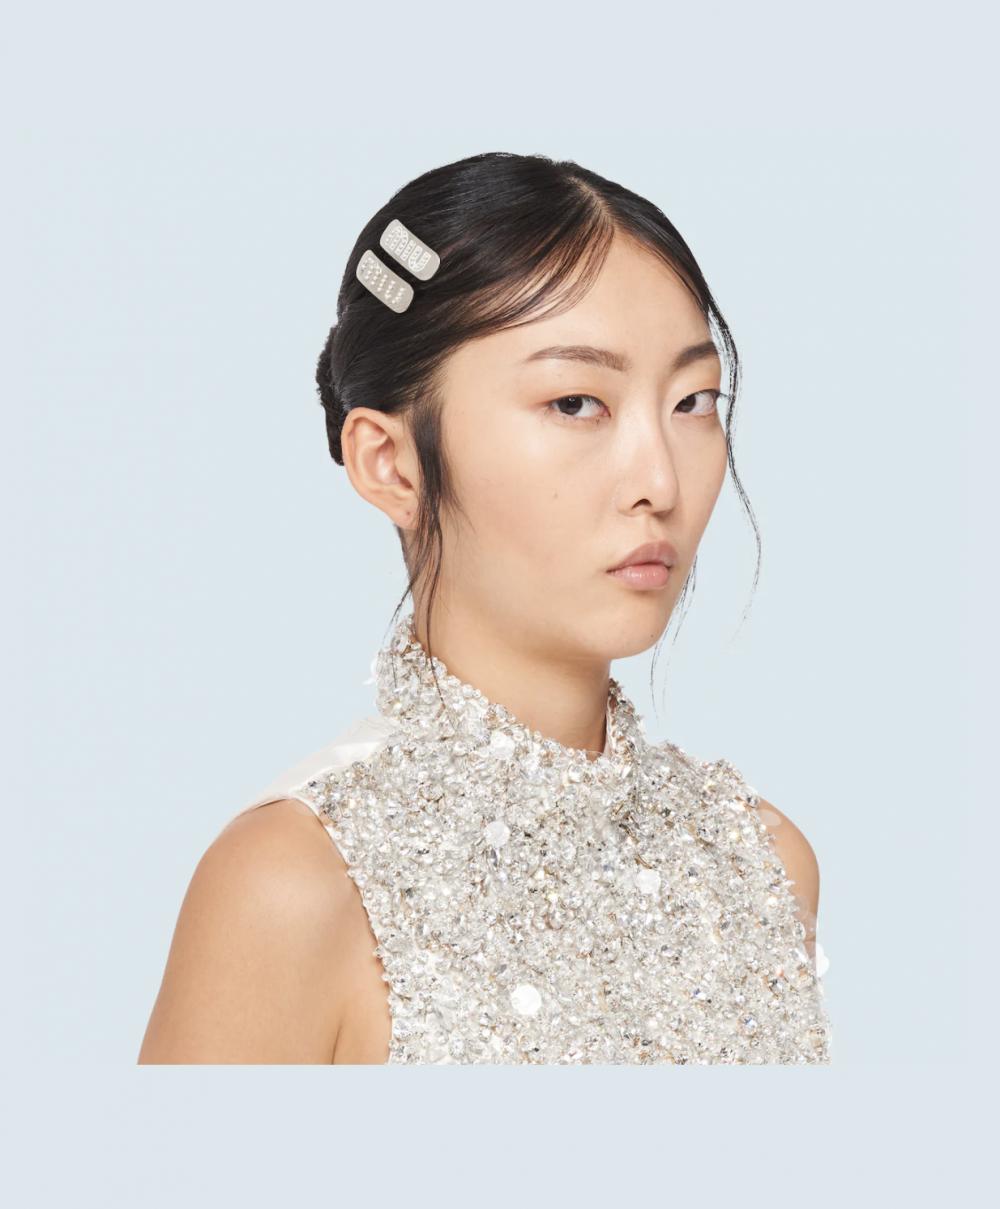 Dior、Gucci、Prada髮夾造型,零技巧打造高級具質感的時尚髮型